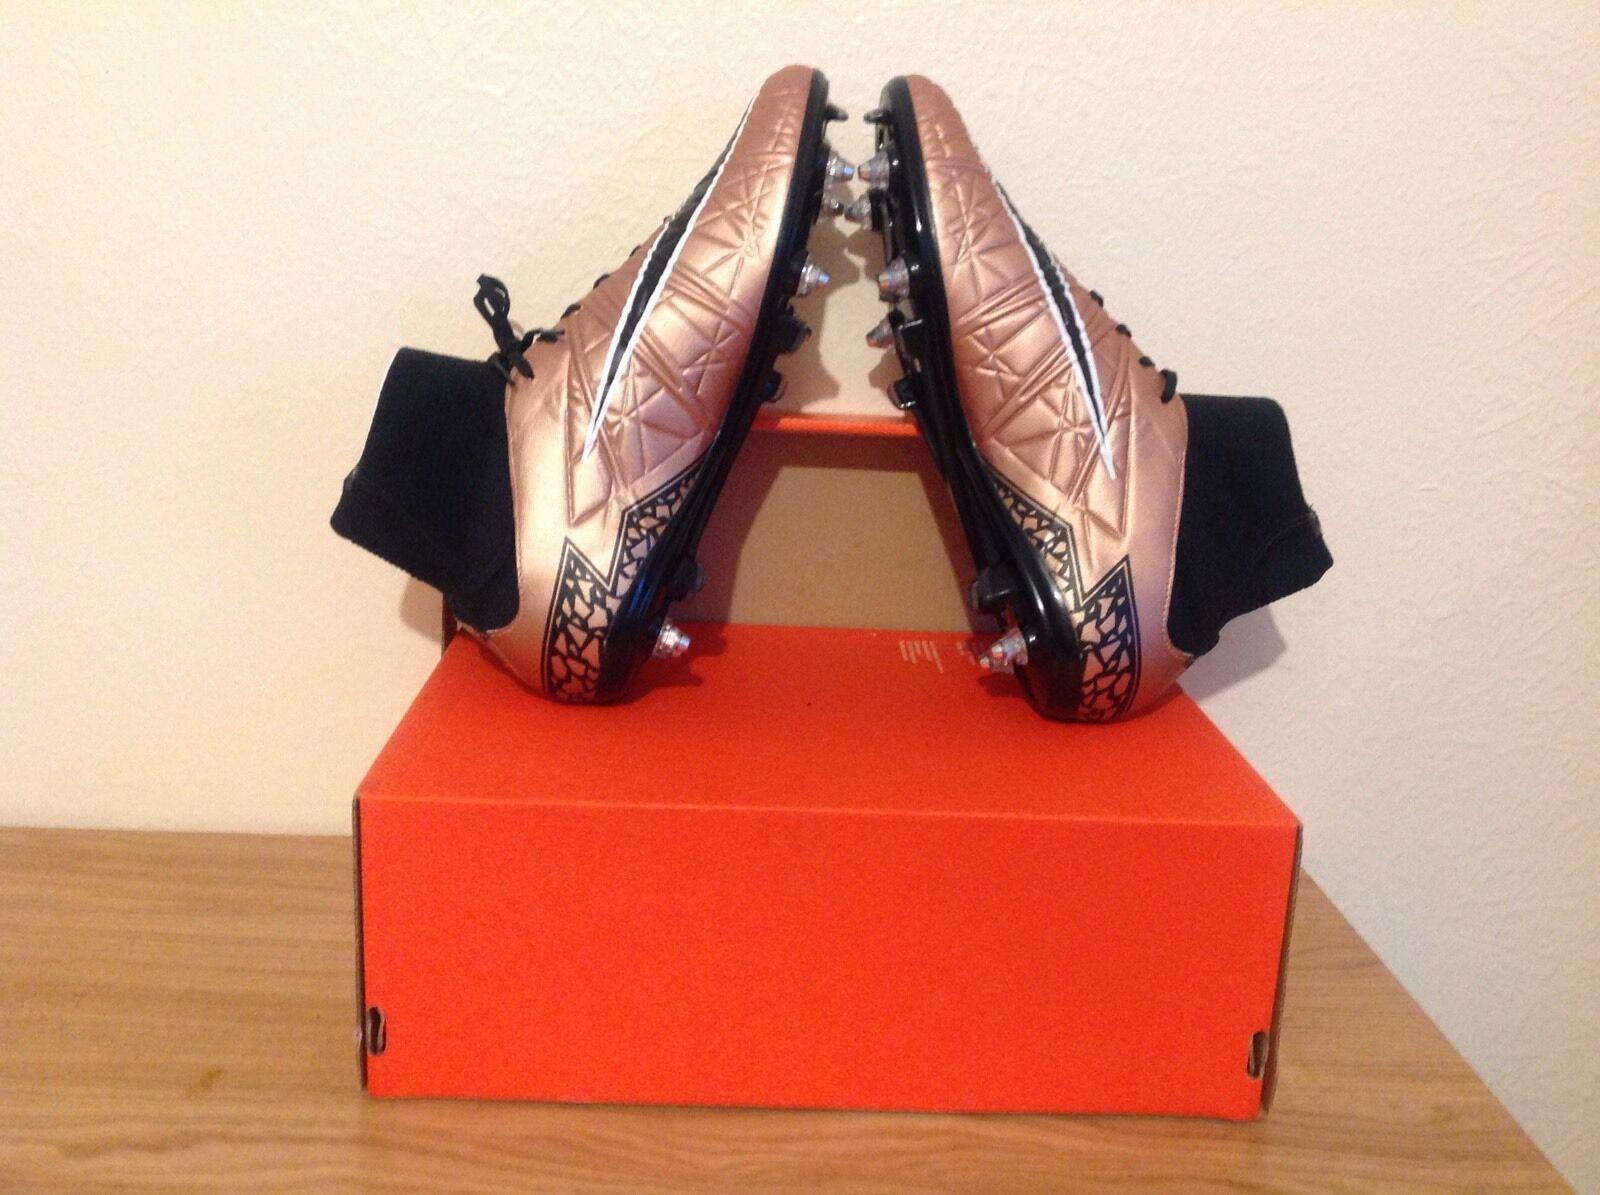 Nike Hypervenom Phatal II DF SG Pro Reino Unido Tamaños 8.5 y 9 disponibles